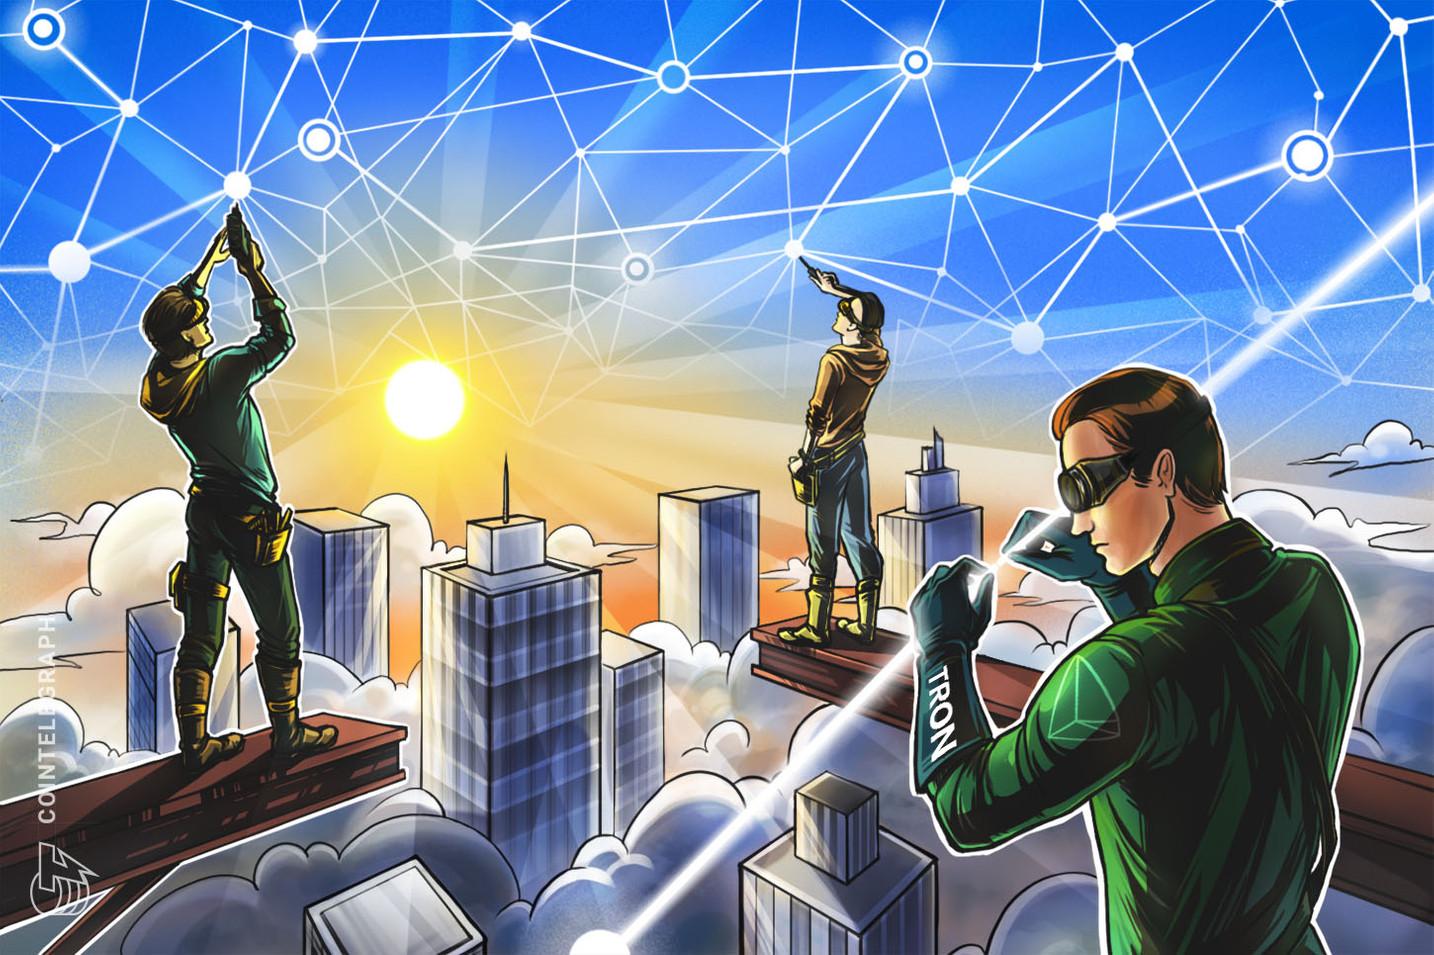 韓国ソウル、住民登録証にブロックチェーン技術導入へ